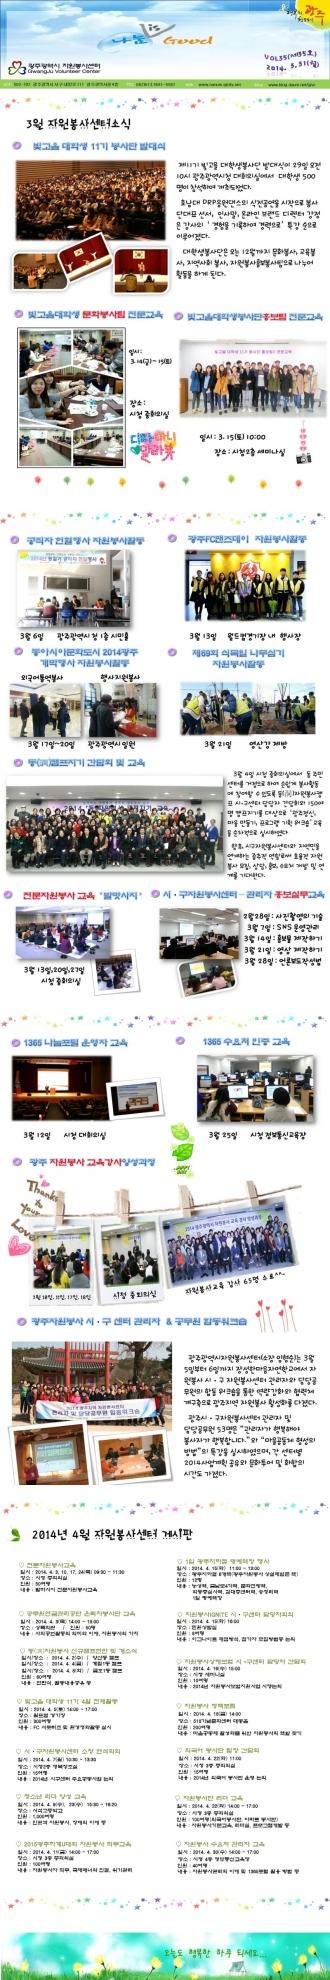 2014년 4월 뉴스레터